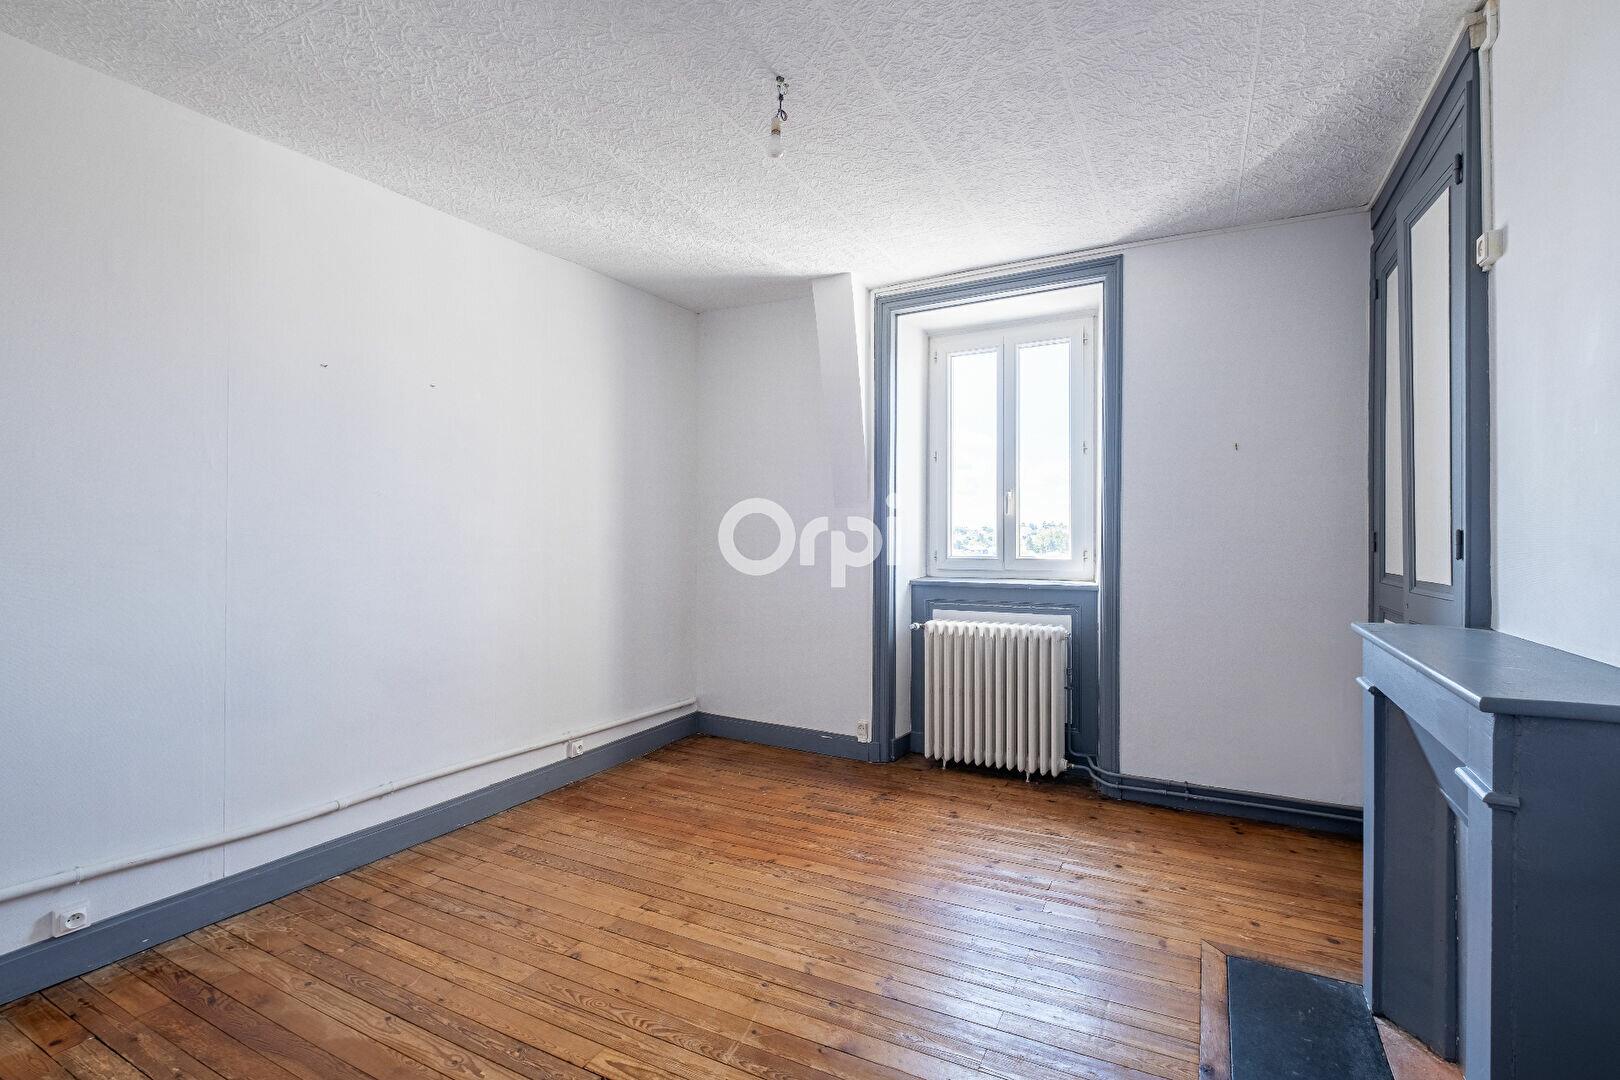 Appartement à louer 4 94.05m2 à Limoges vignette-3